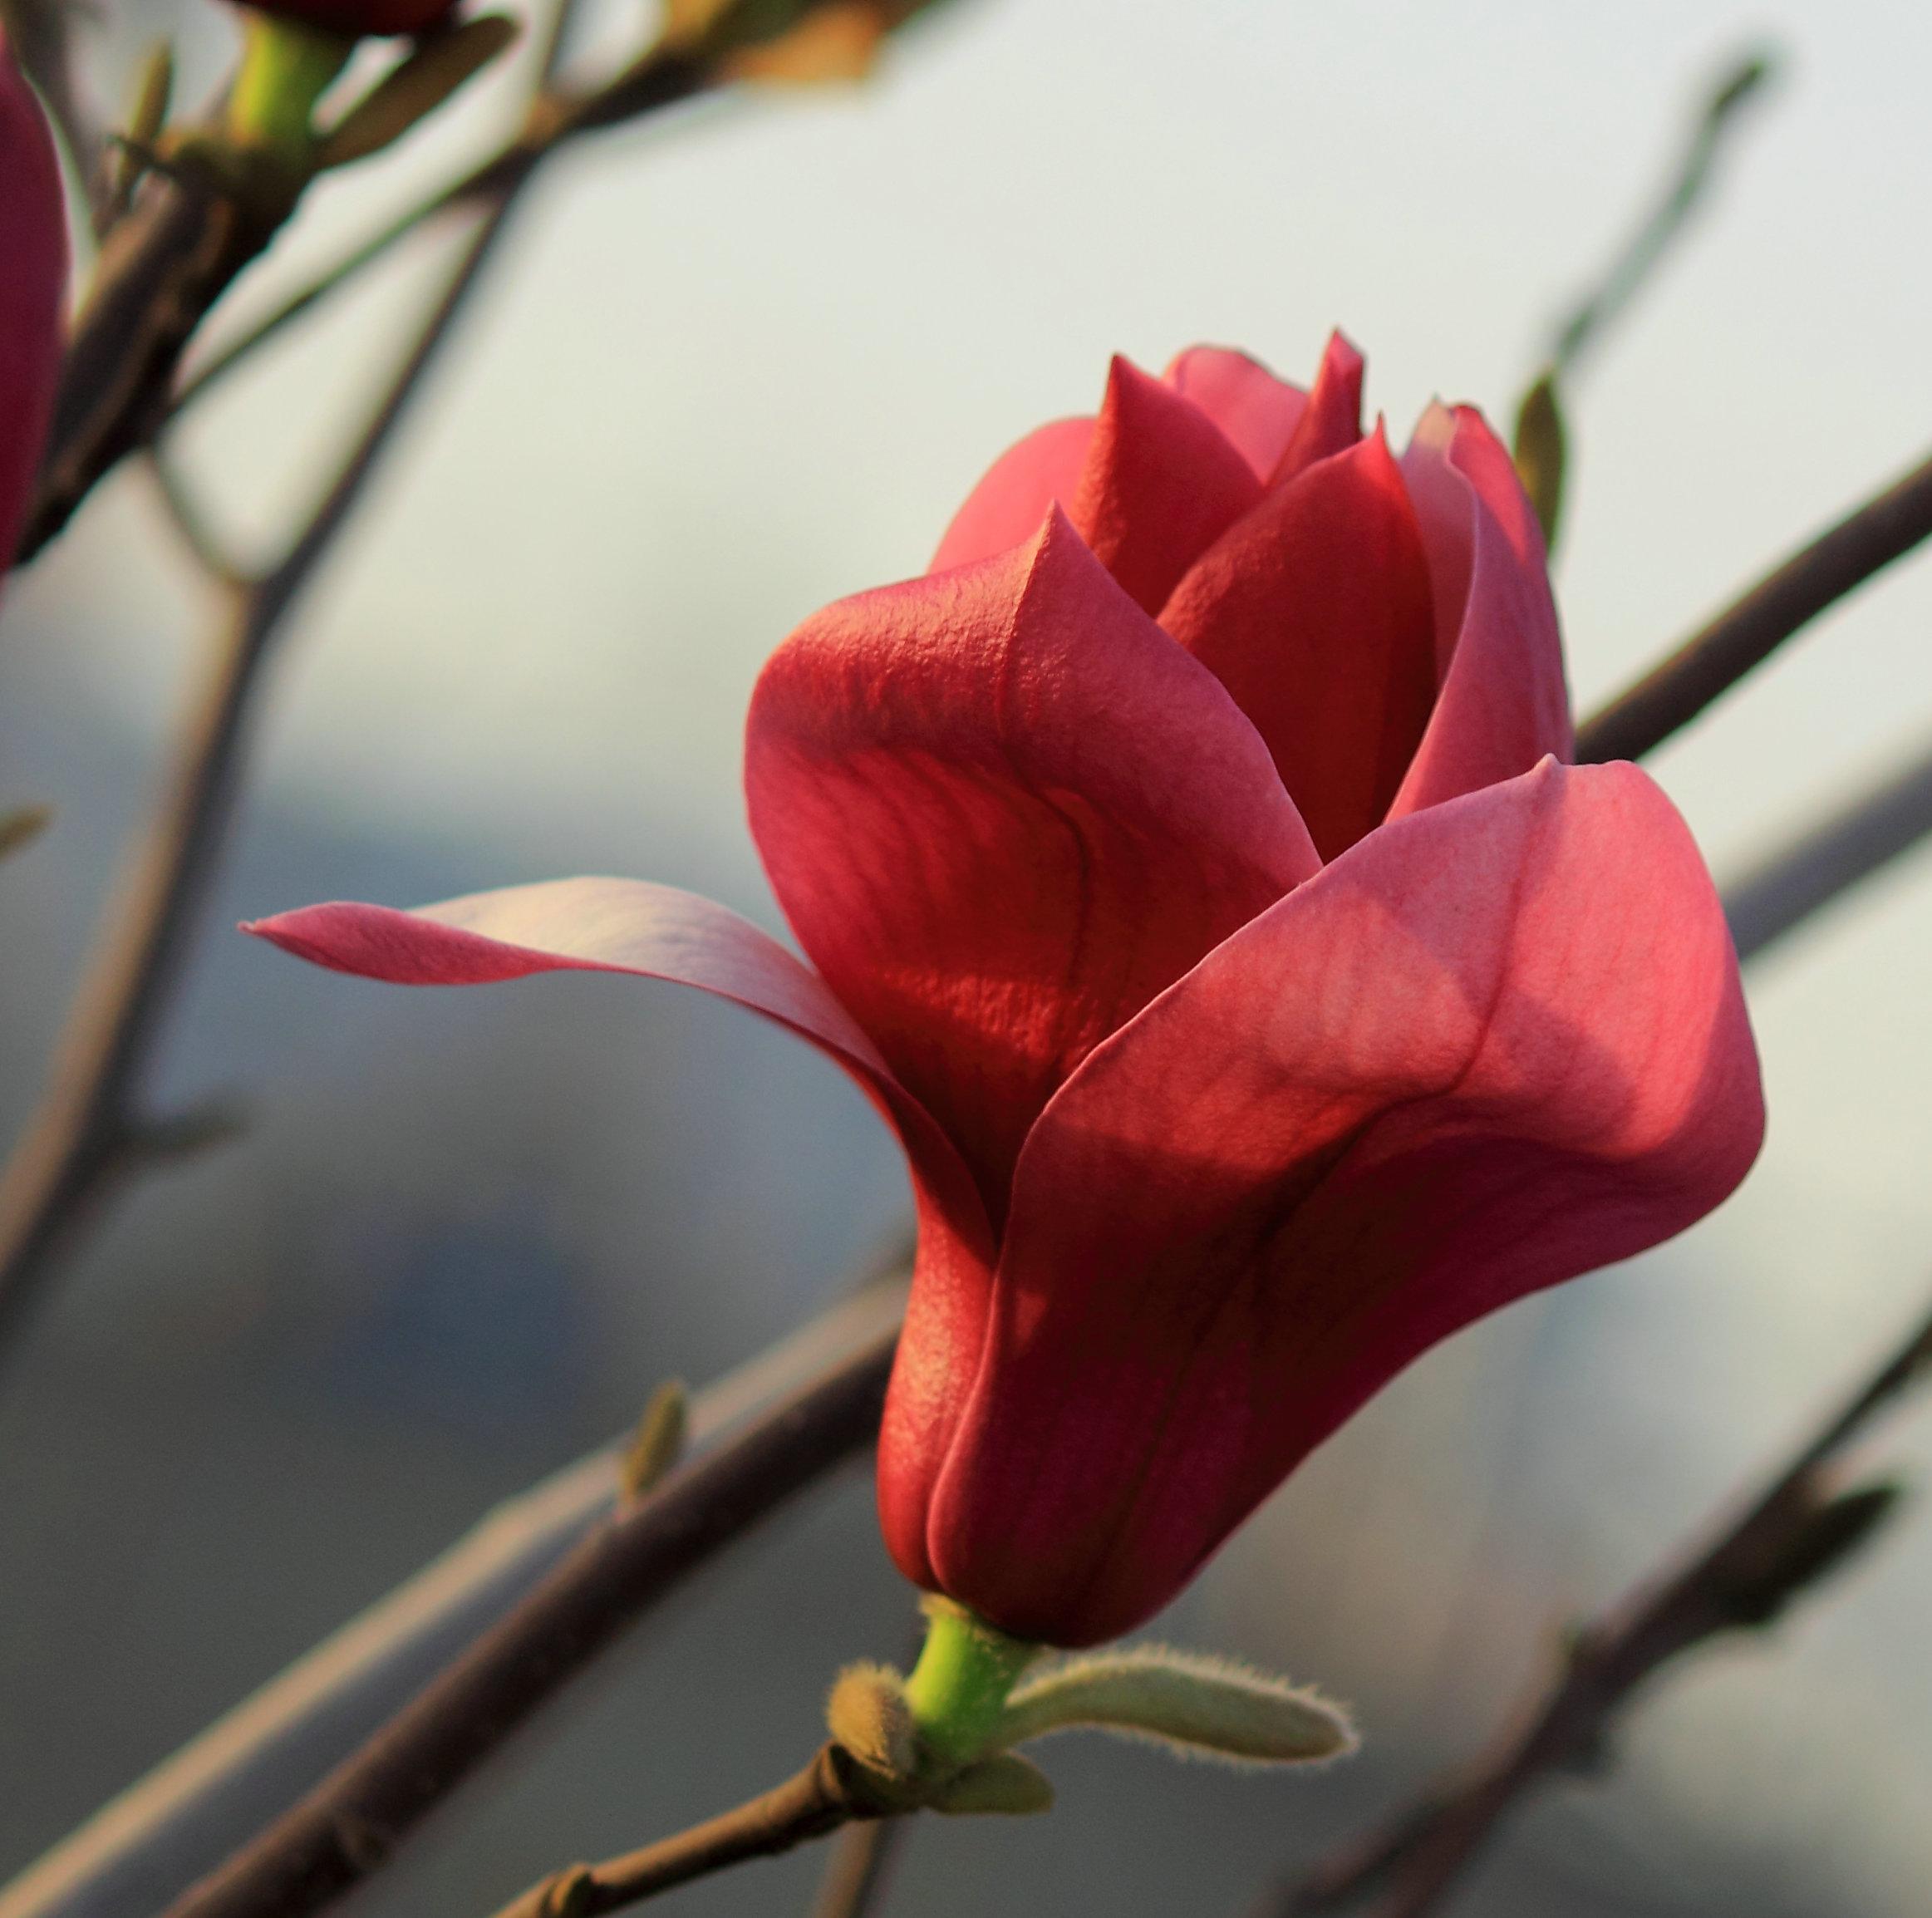 主题 2011草木花卉 即时更新中